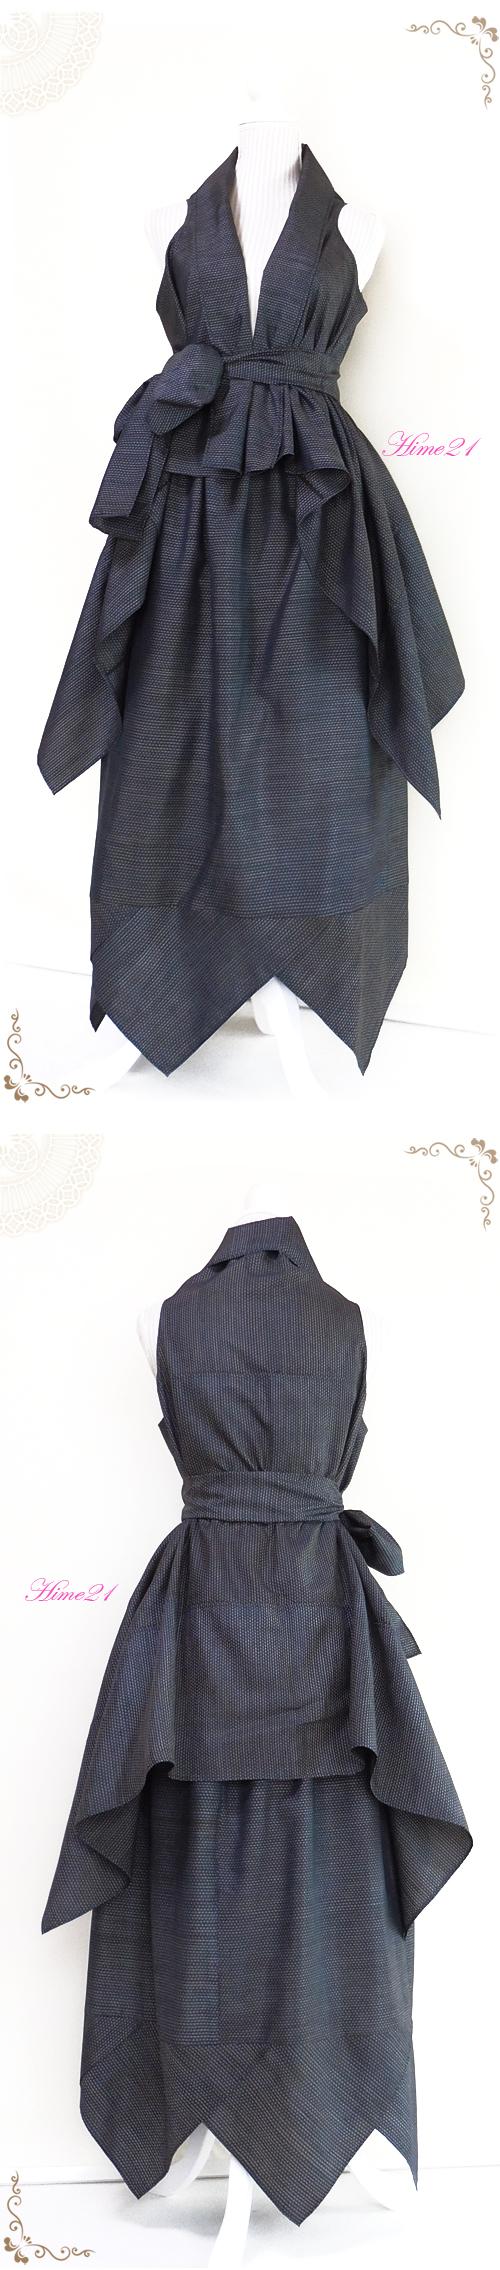 tsu-453-02.jpg